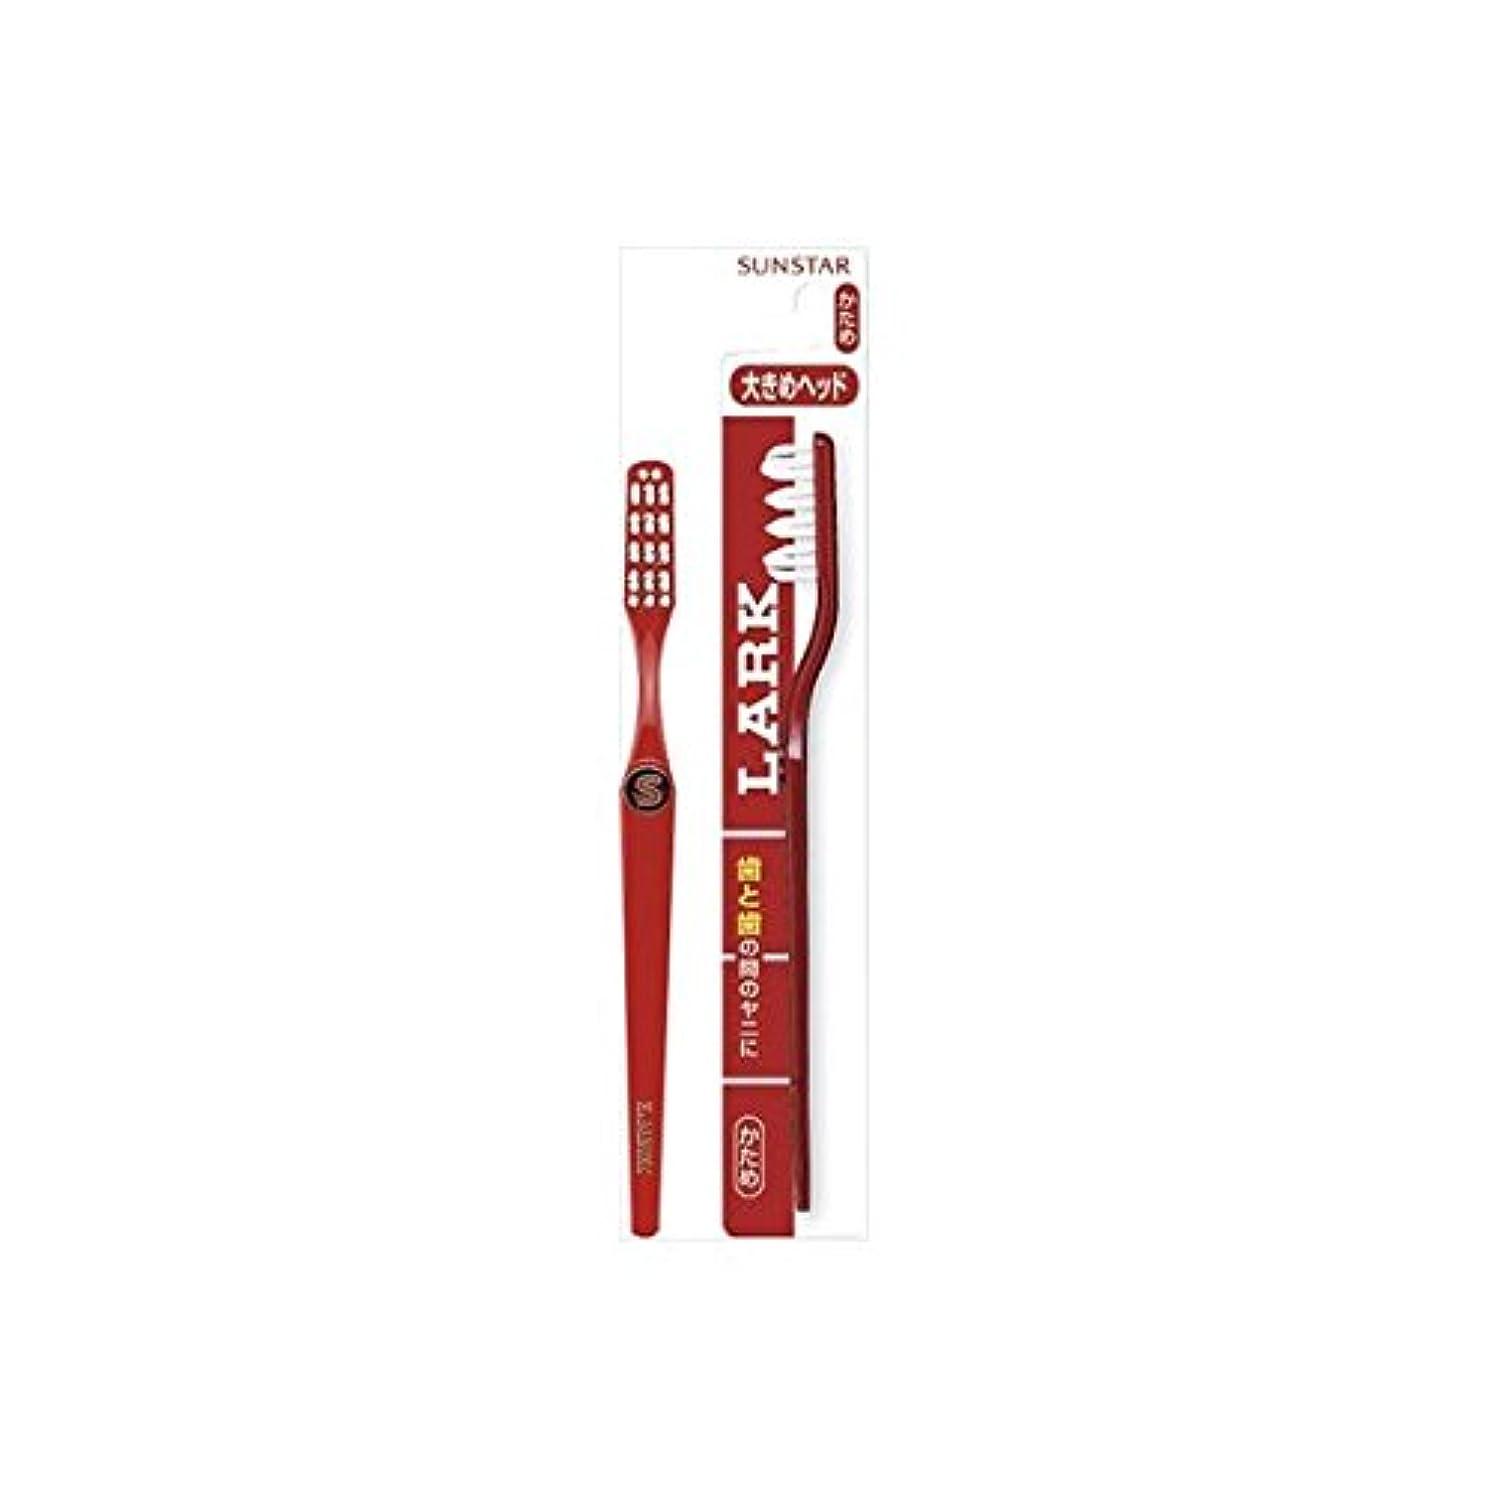 グラマー散文ゲージサンスター ラーク 歯ブラシ レギュラーヘッド × 6 点セット